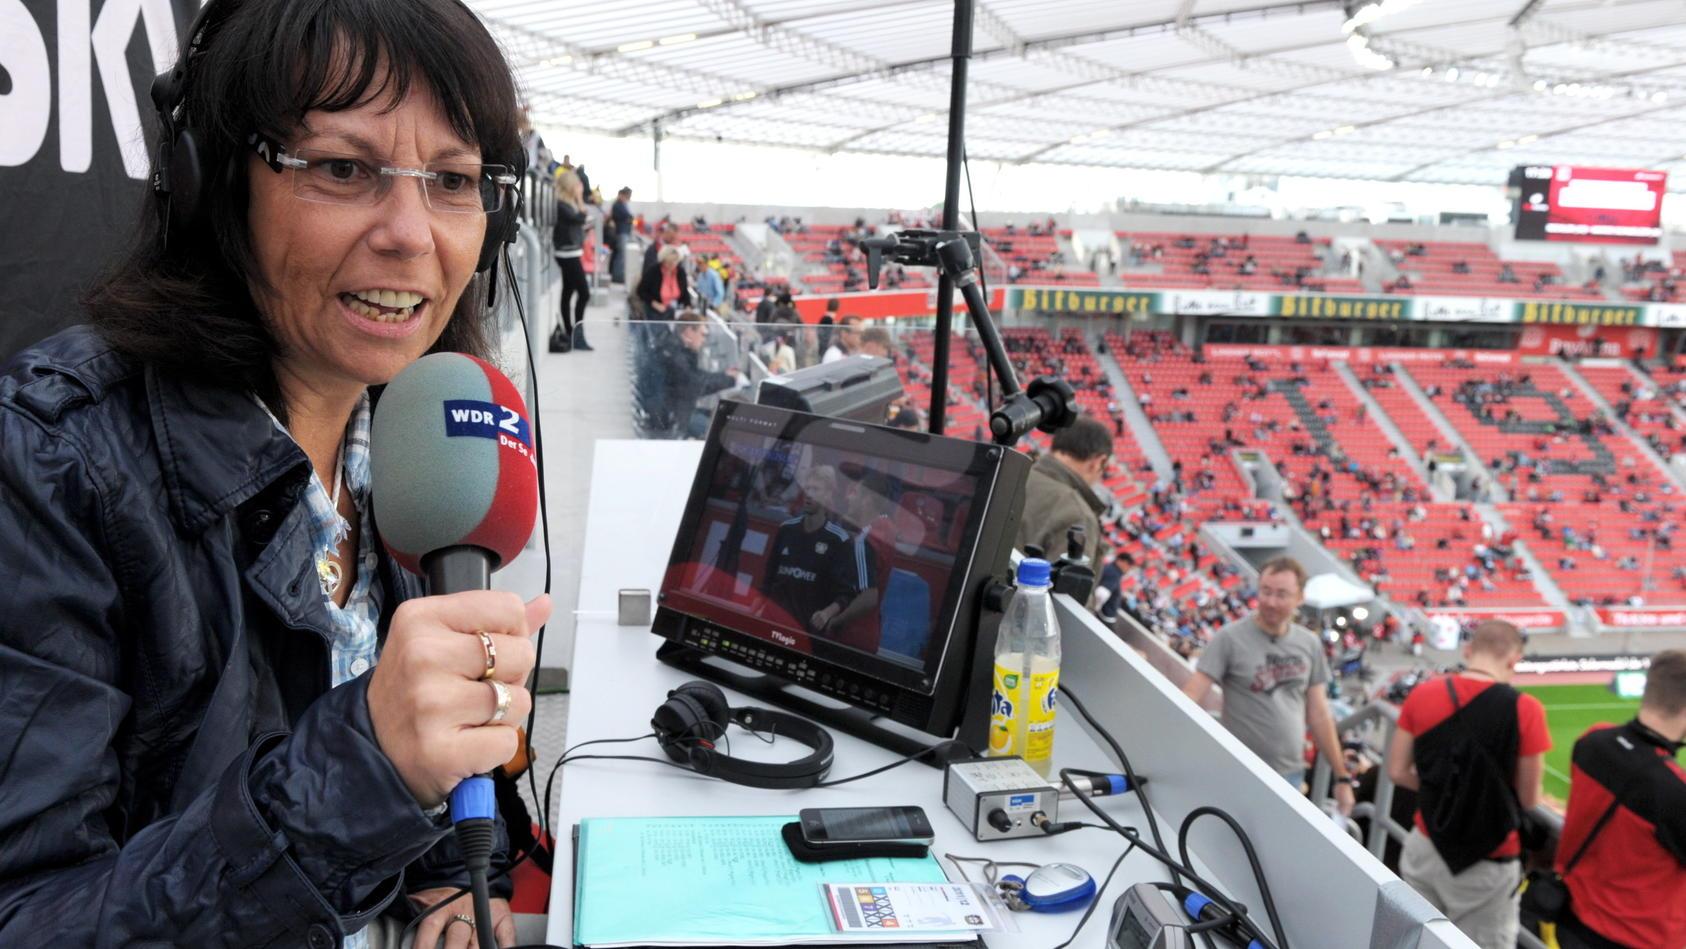 Sabine Töpperwien hört als Sport-Journalistin beimWDR auf